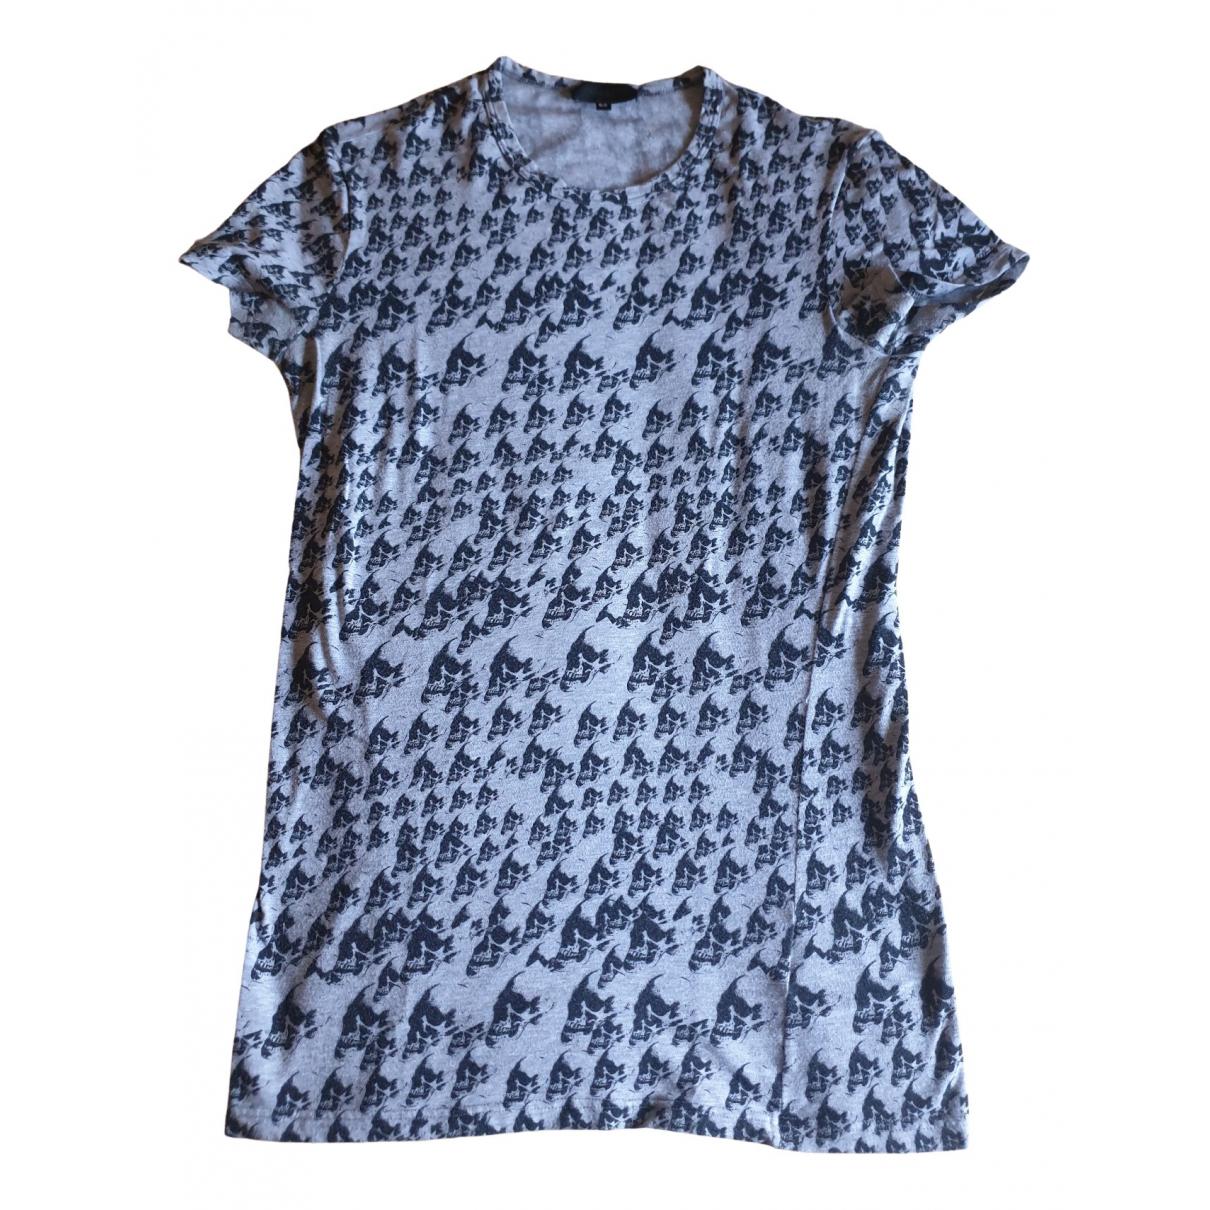 John Richmond - Tee shirts   pour homme - argente